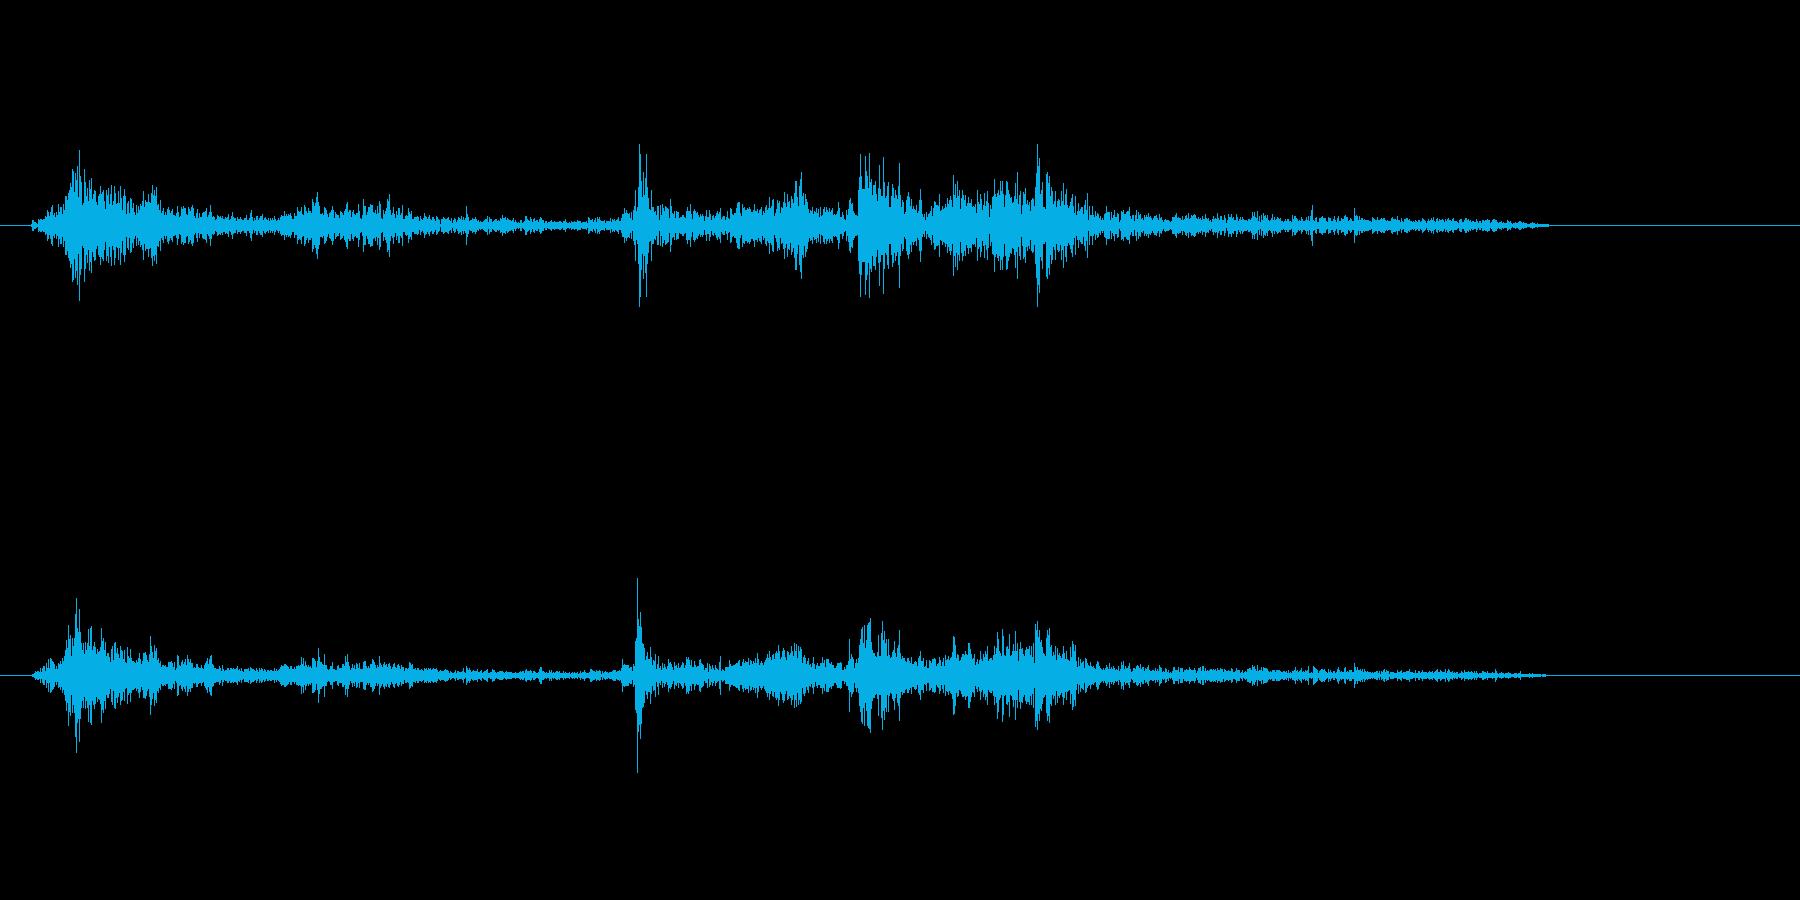 シュペラッ(本をめくる音)の再生済みの波形